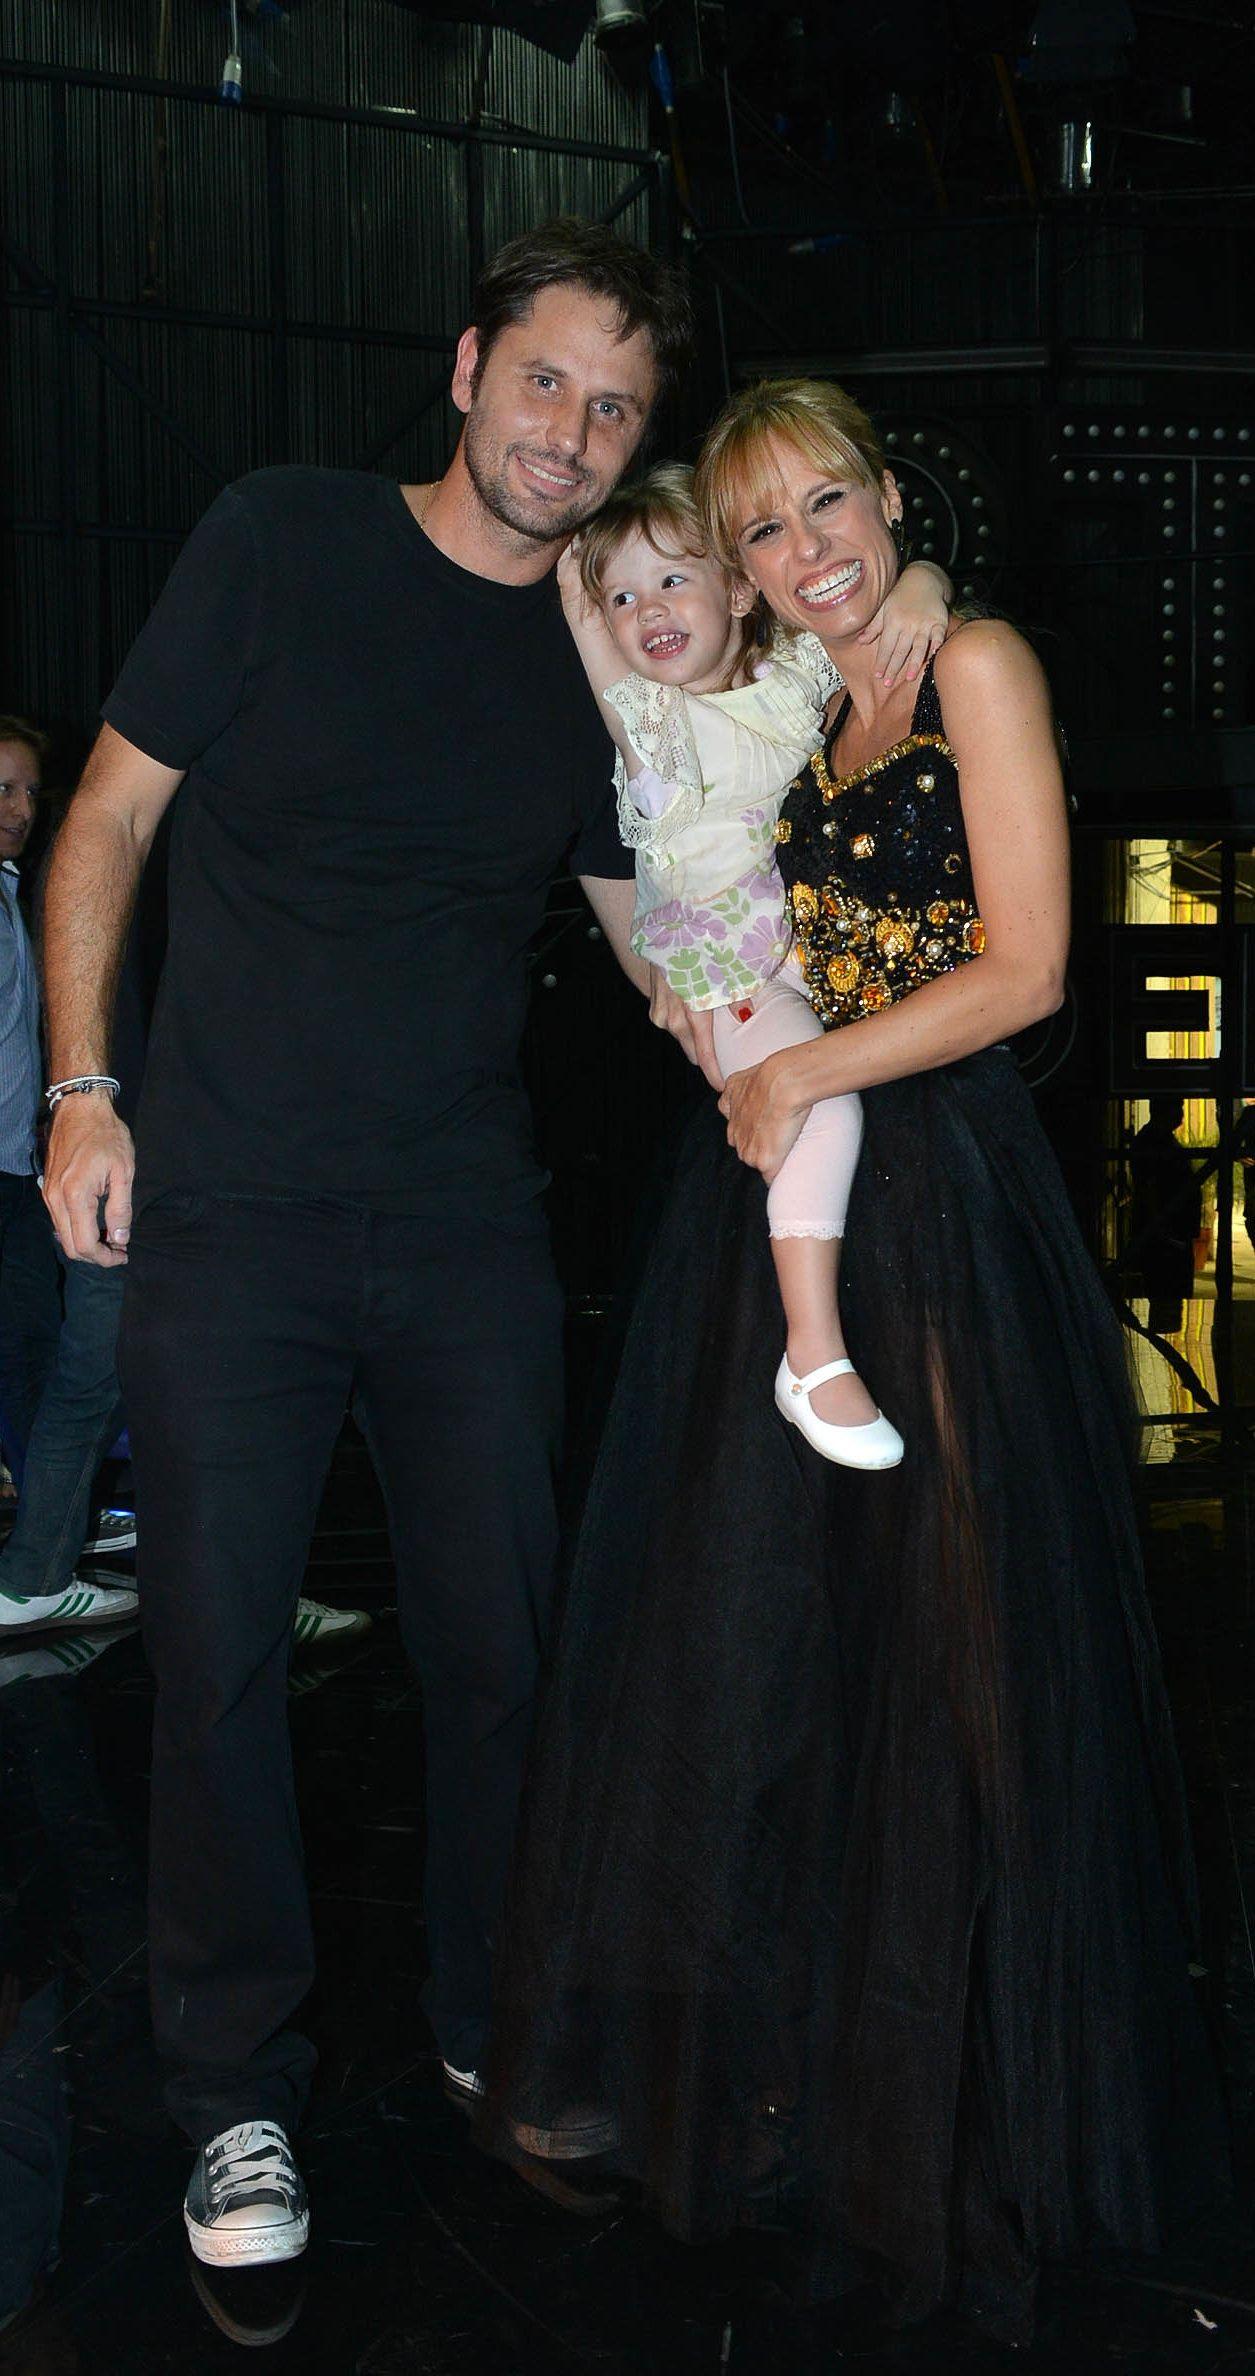 Mariana Fabbiani quiere agrandar su familia: Tengo ganas de tener otro hijo